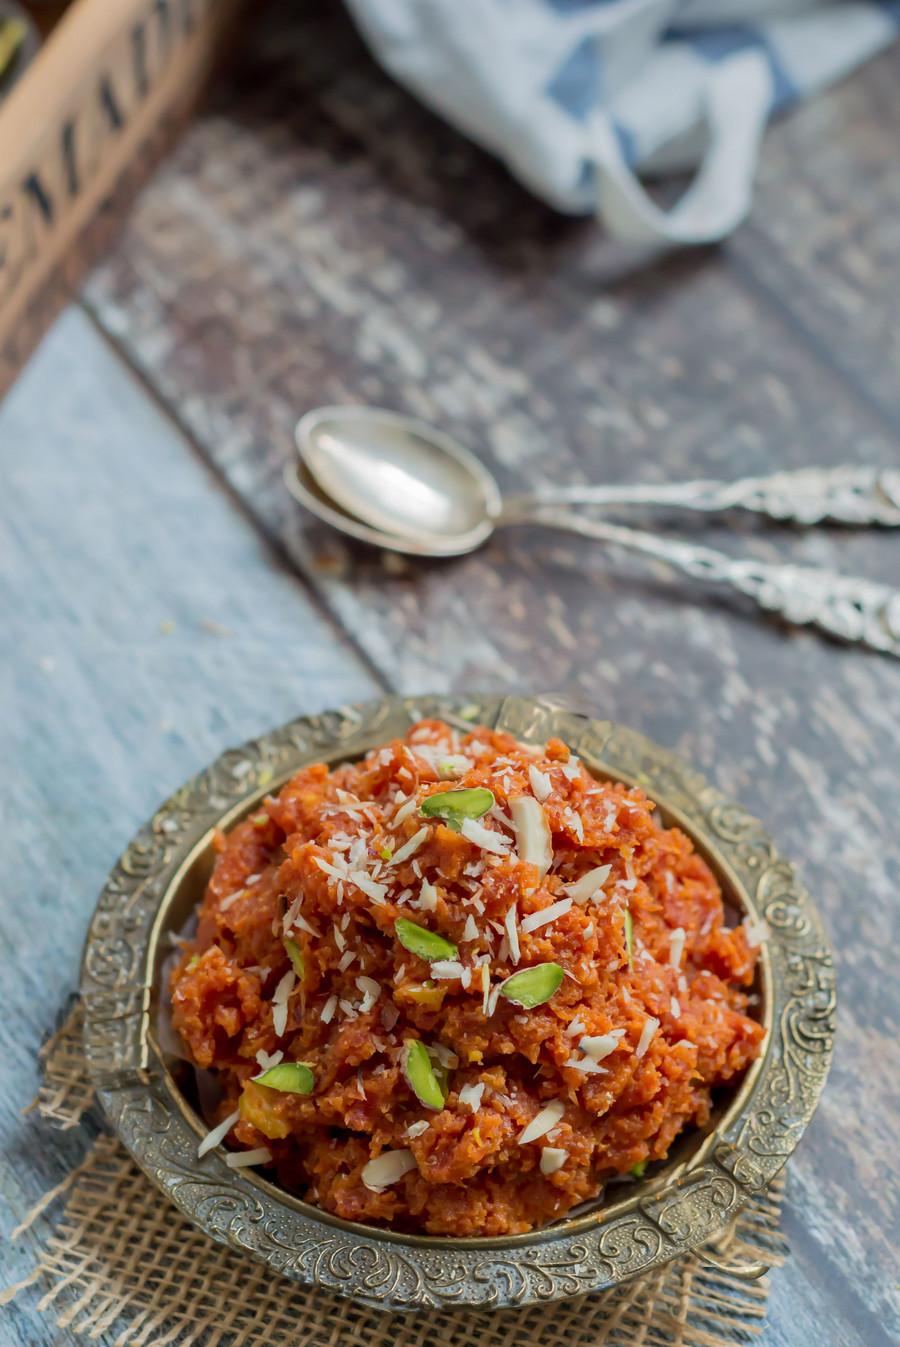 Tradycyjna Kuchnia Indyjska Charakterystyka I Przepisy